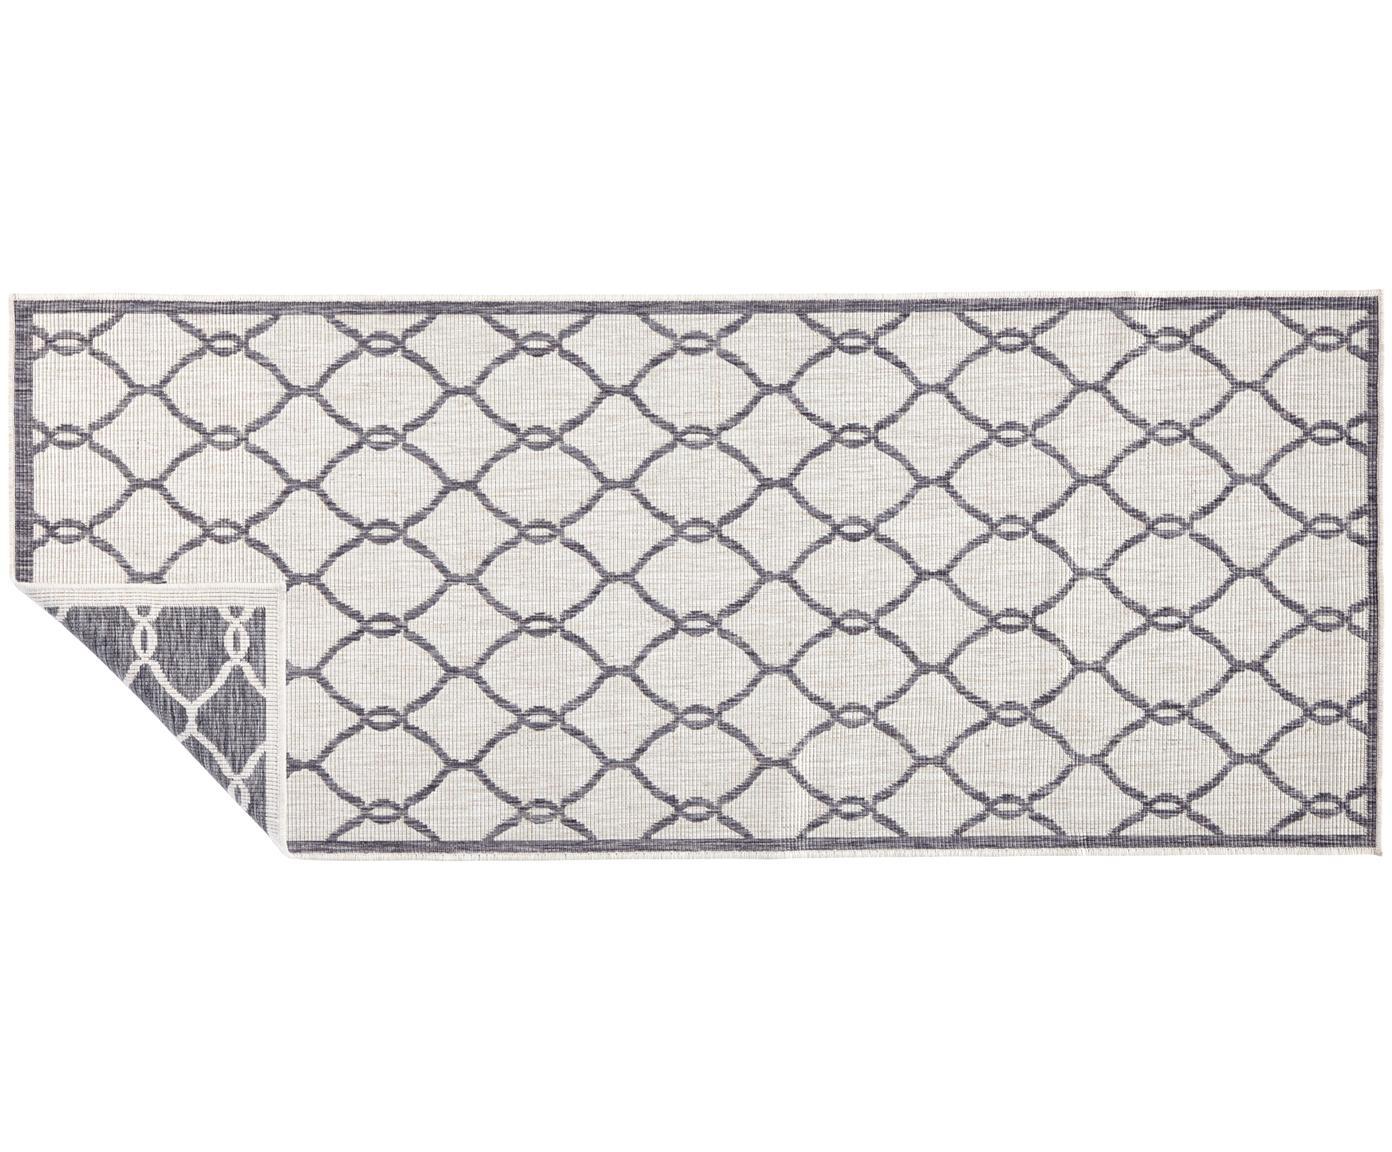 Alfombra reversibles de interior/exterior Rimini, Gris, crema, An 80 x L 250 cm